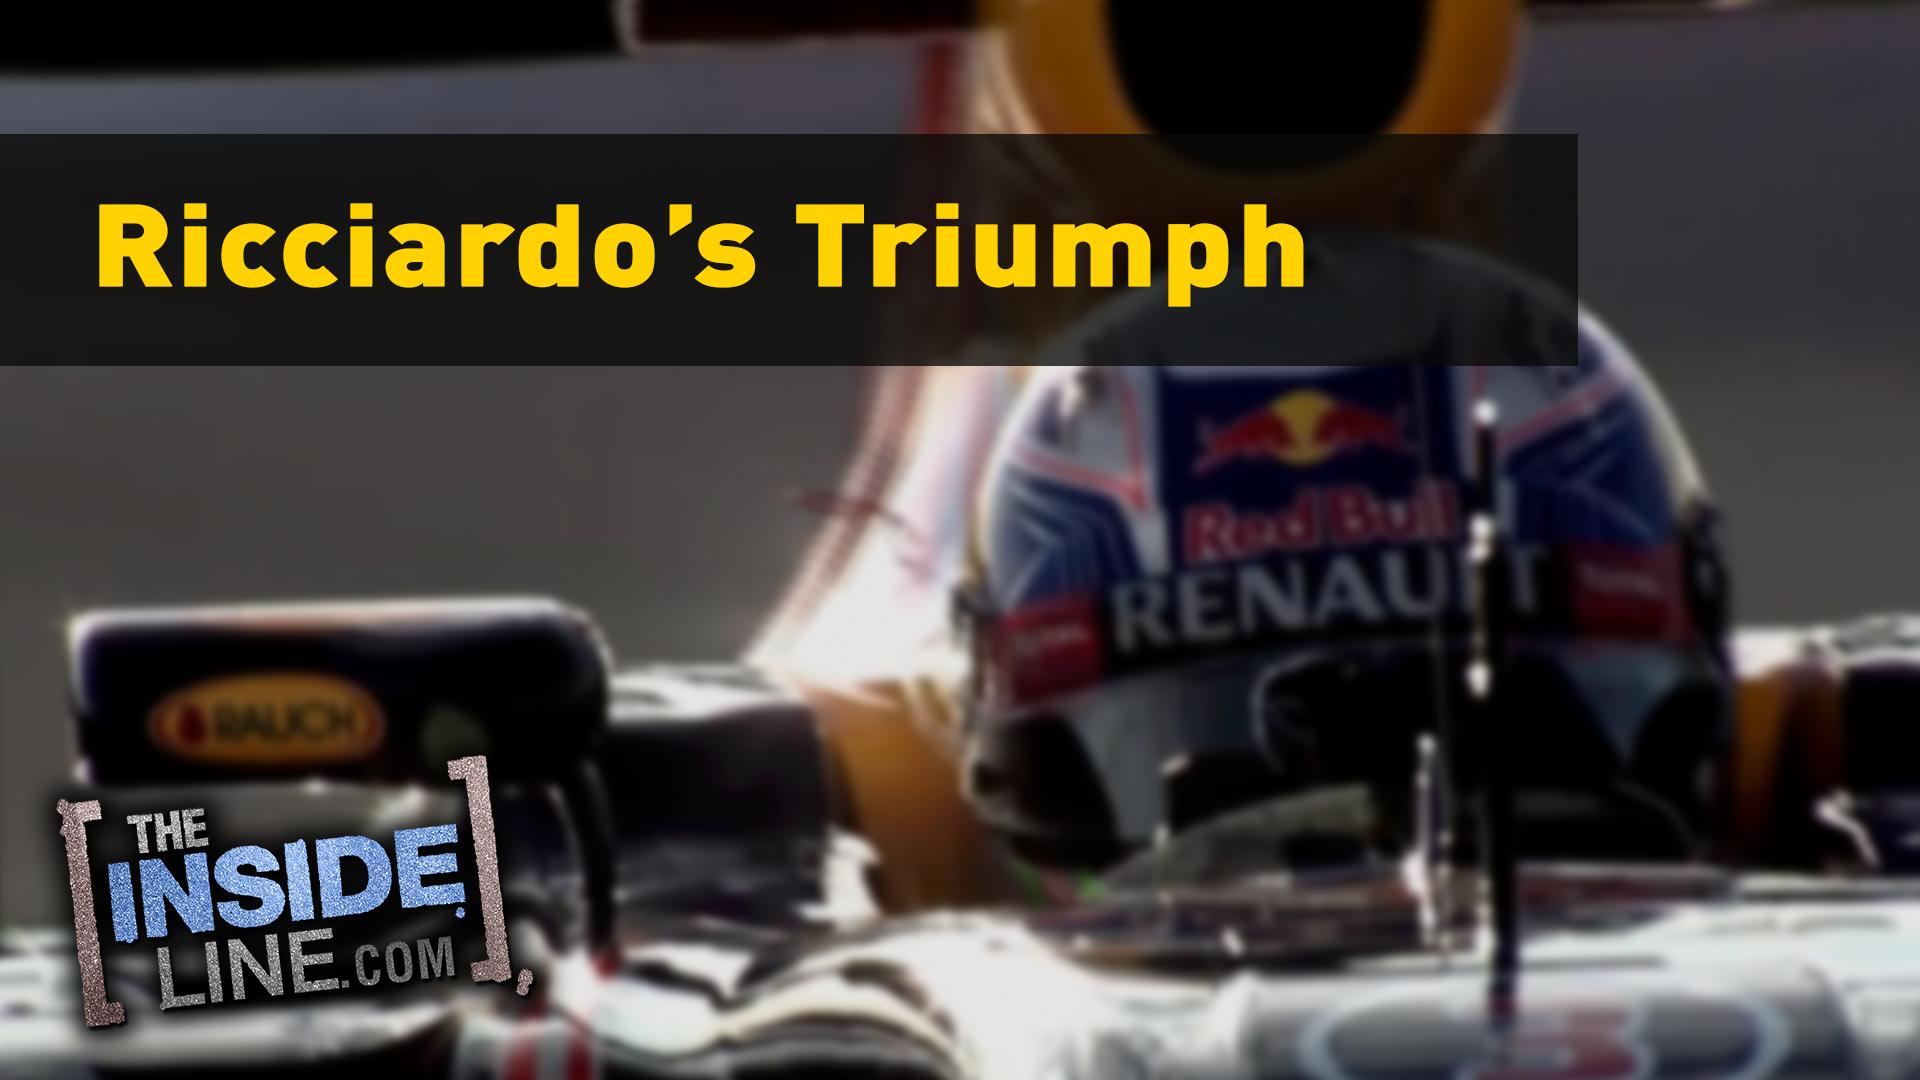 Ricciardo's Triumph